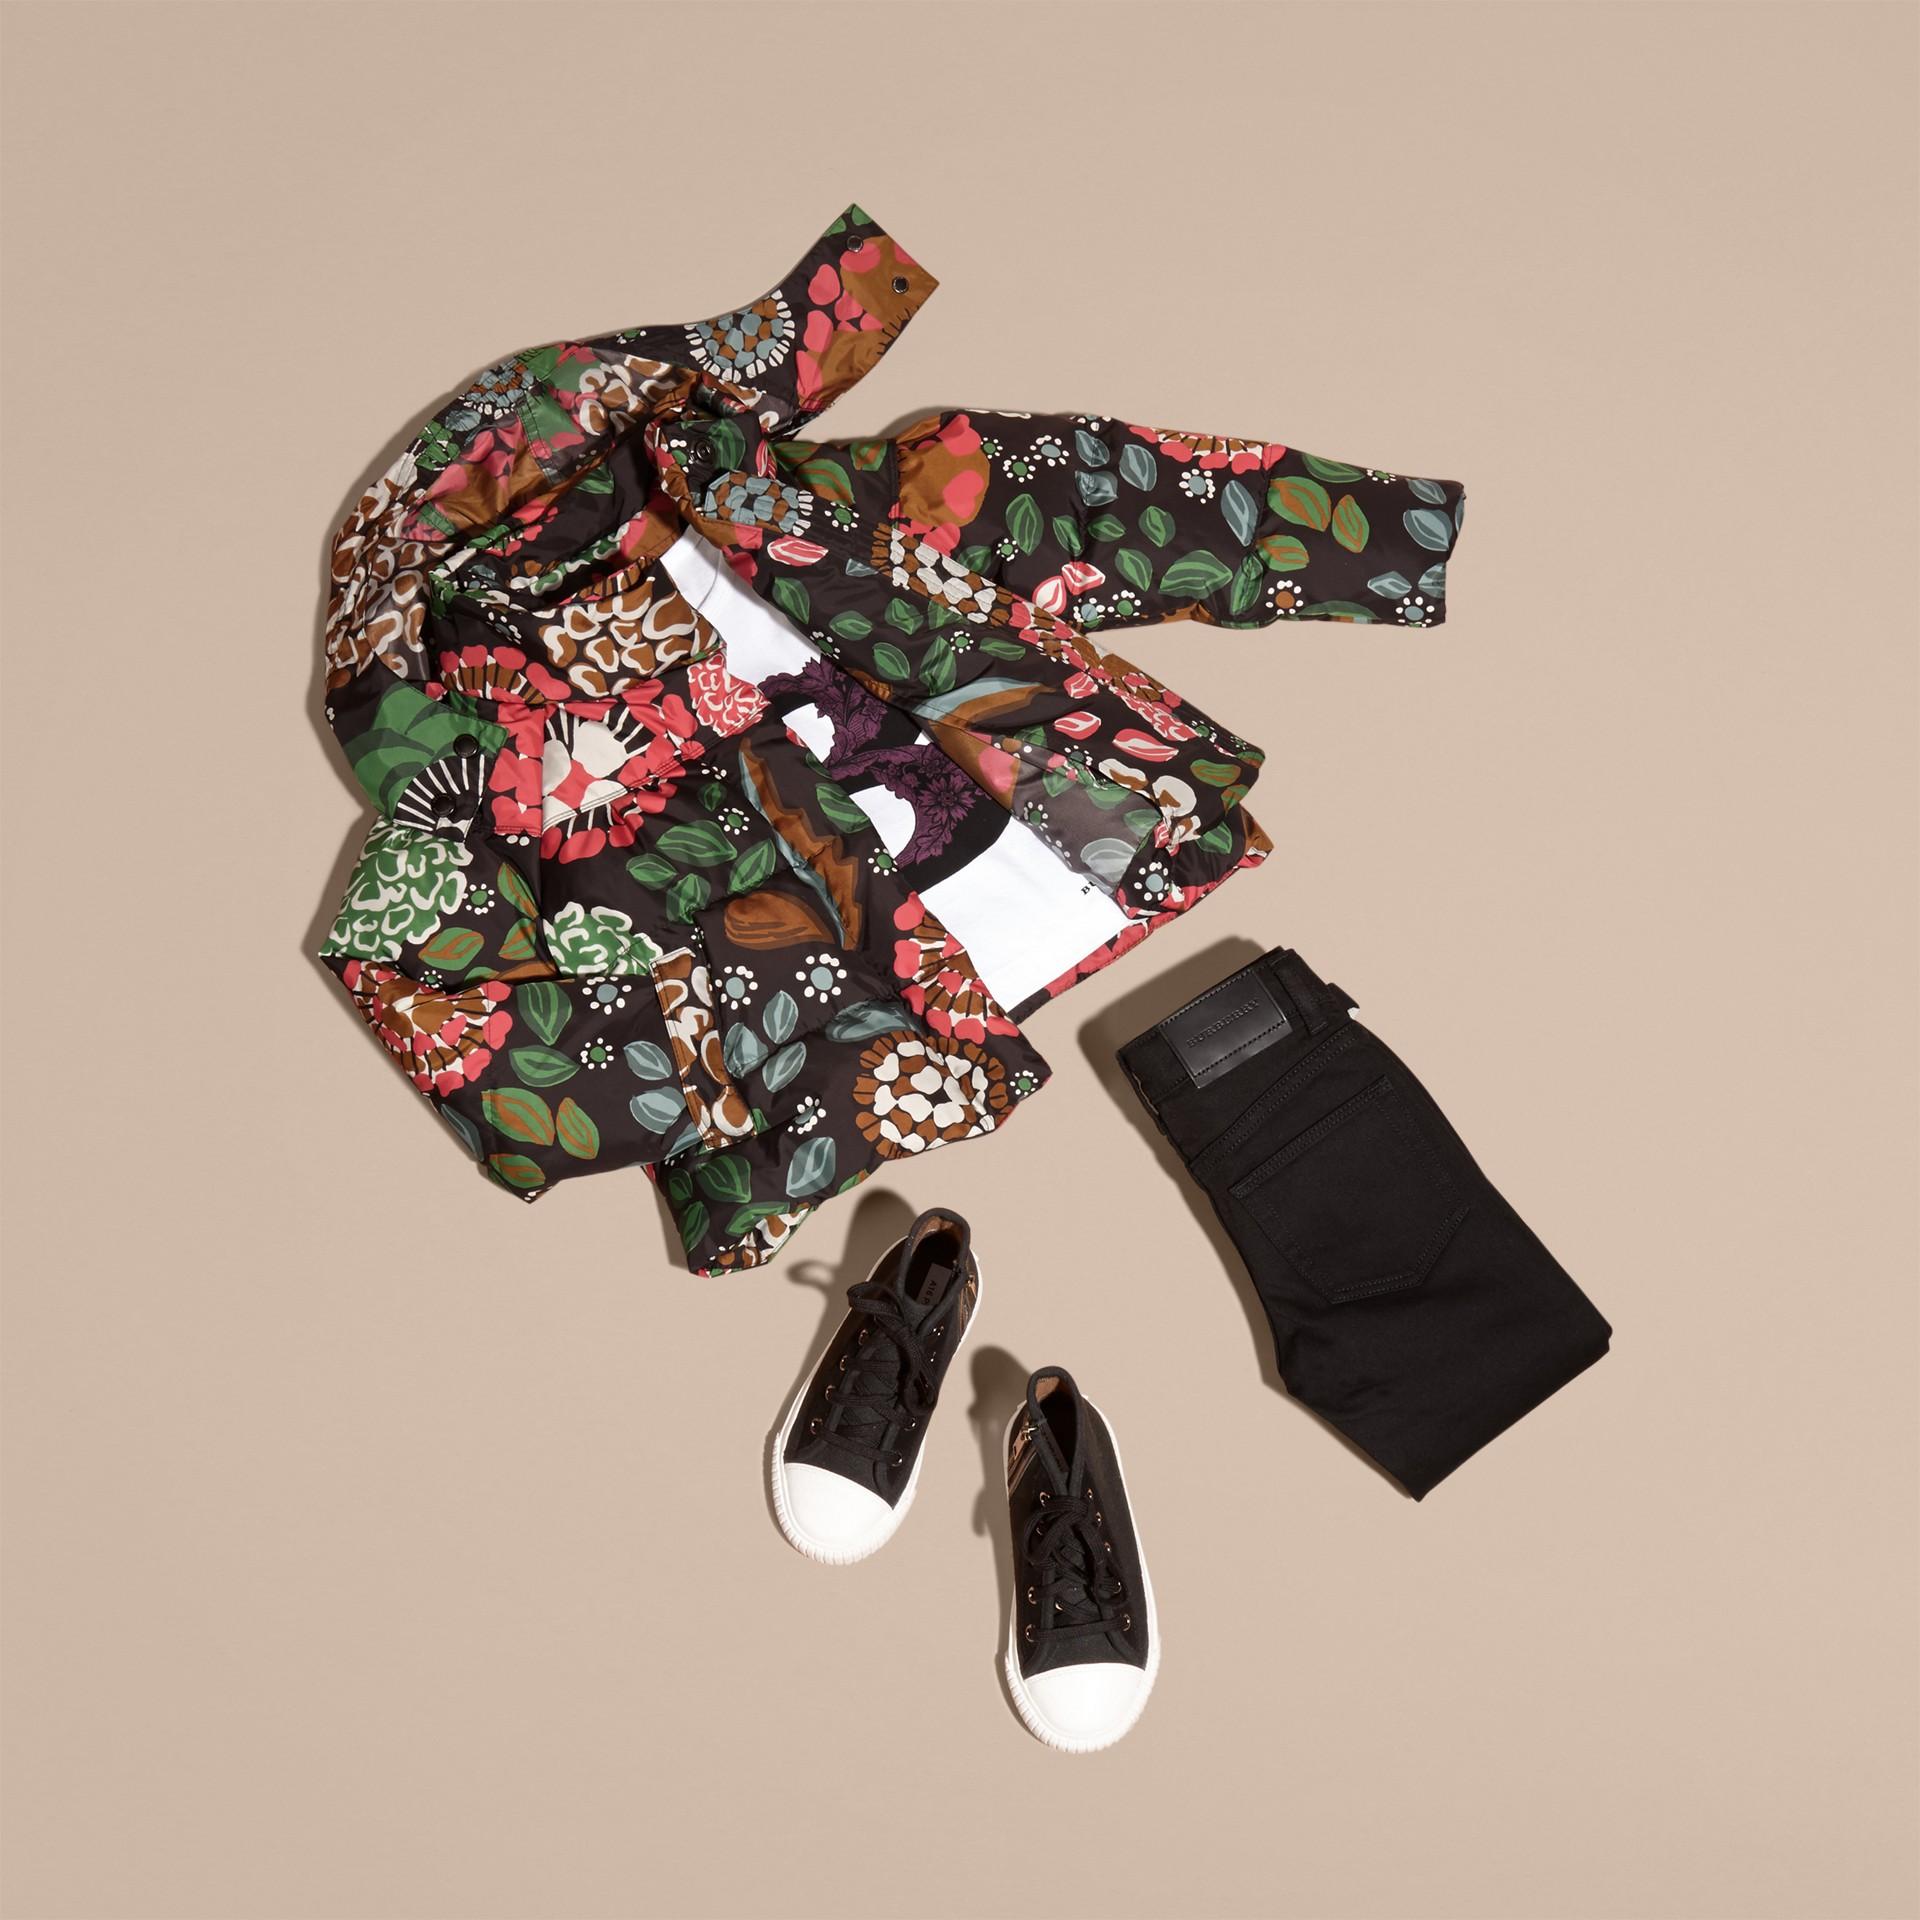 Vert sauge Doudoune longue à imprimé floral avec capuche repliable - photo de la galerie 5